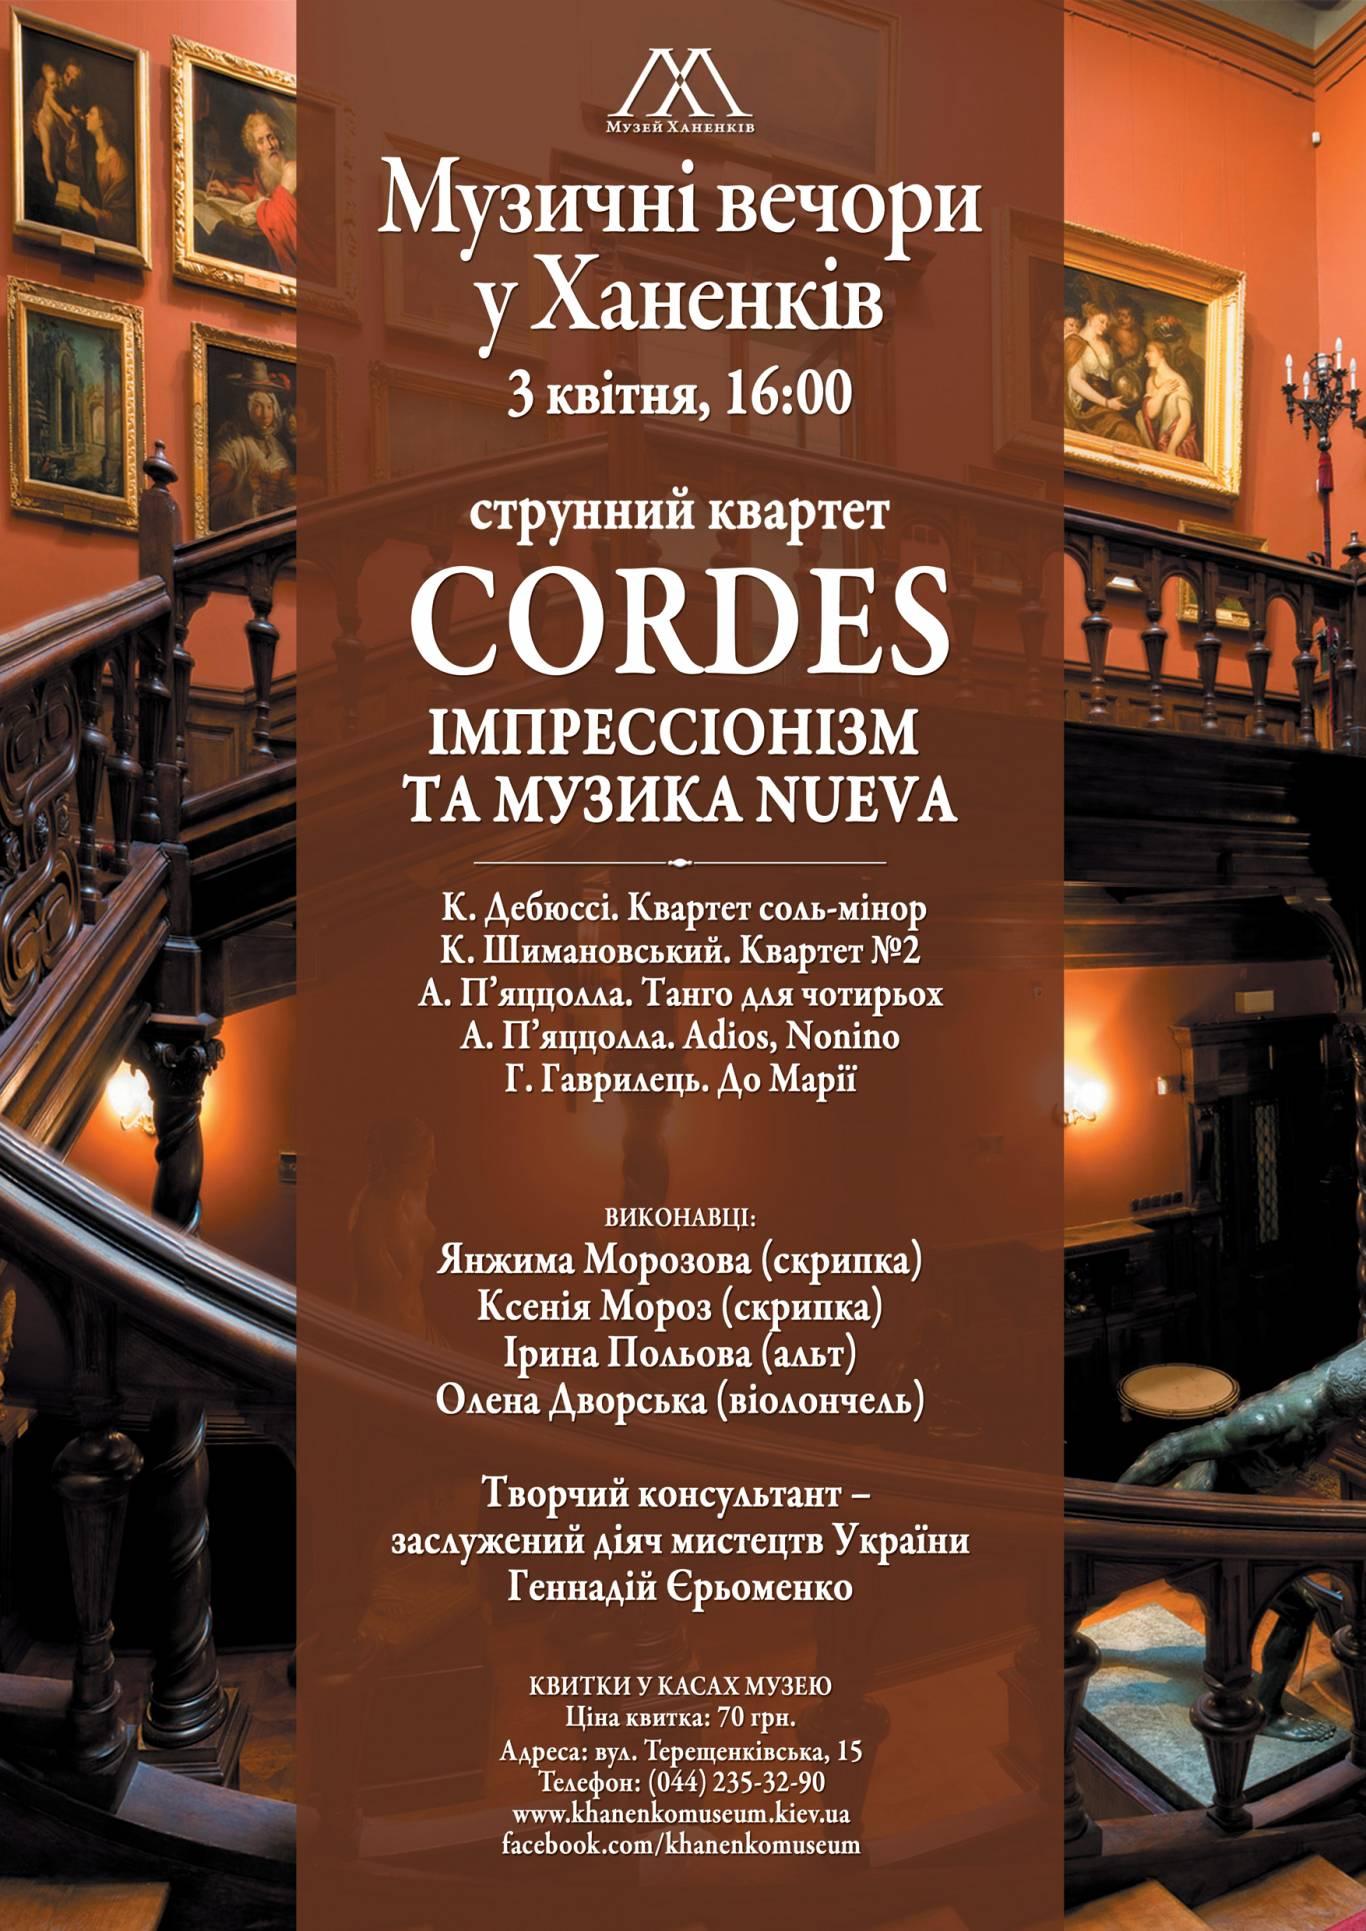 Струнний квартет «CORDES»: Імпресіонізм та музика nueva